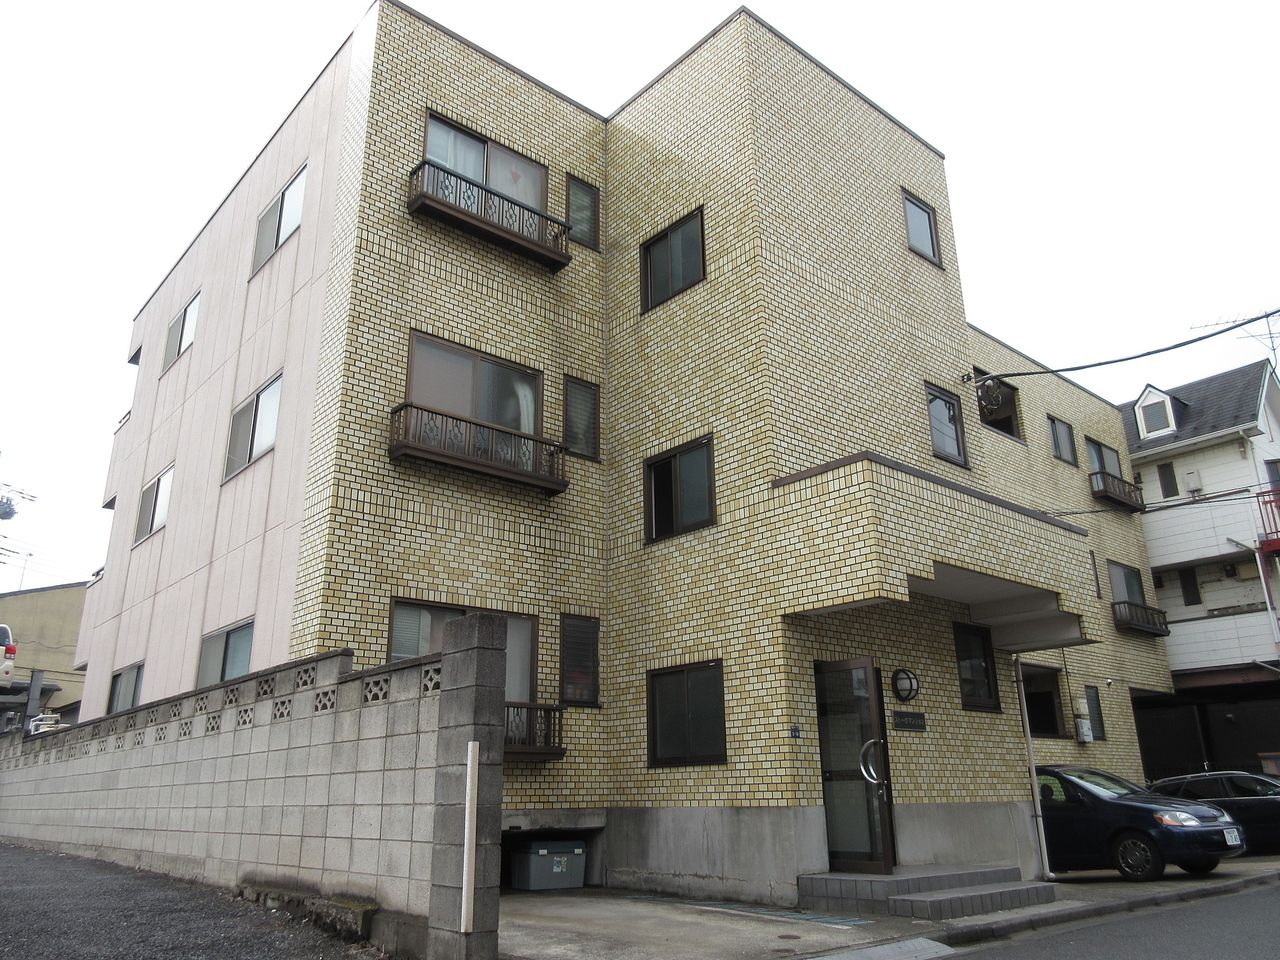 みなさまこんにちは。板橋区高島平の賃貸アパート【ストークマンション103号室】。間取りは2DK。敷地内に駐車場のあるファミリータイプの物件です。